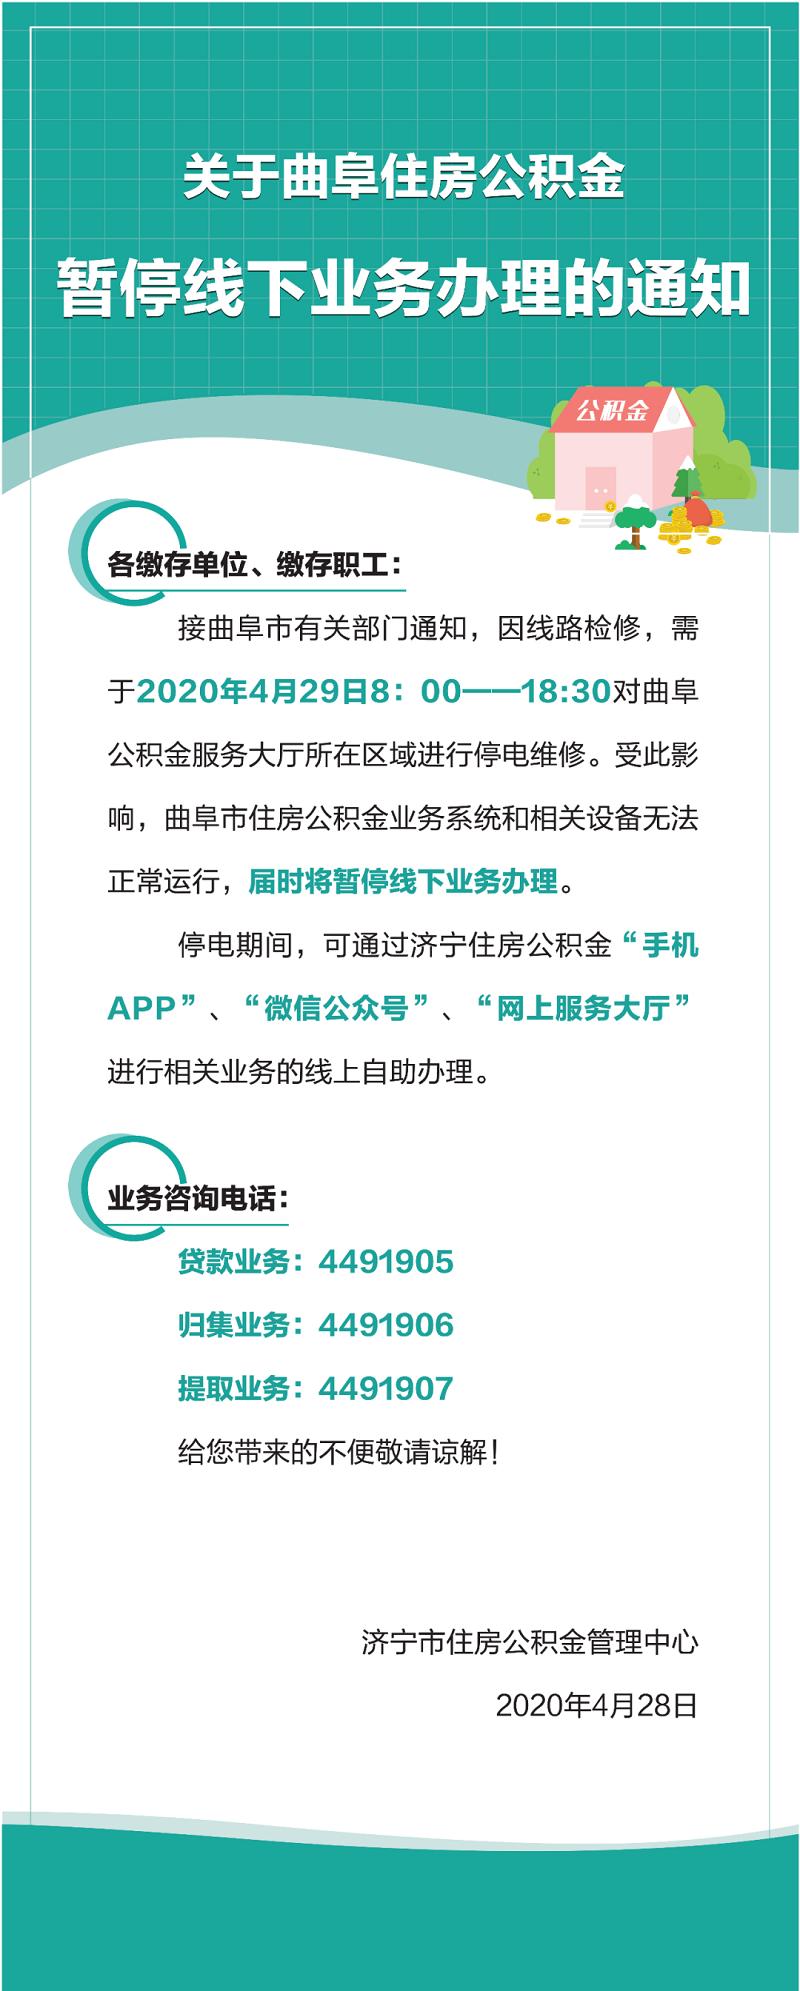 4月29日,曲阜住房公积金暂停线下业务办理